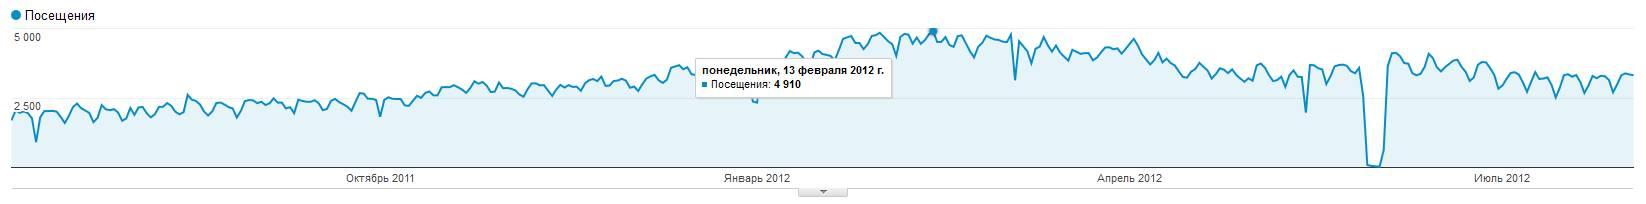 посещаемость sonikelf.ru/forum